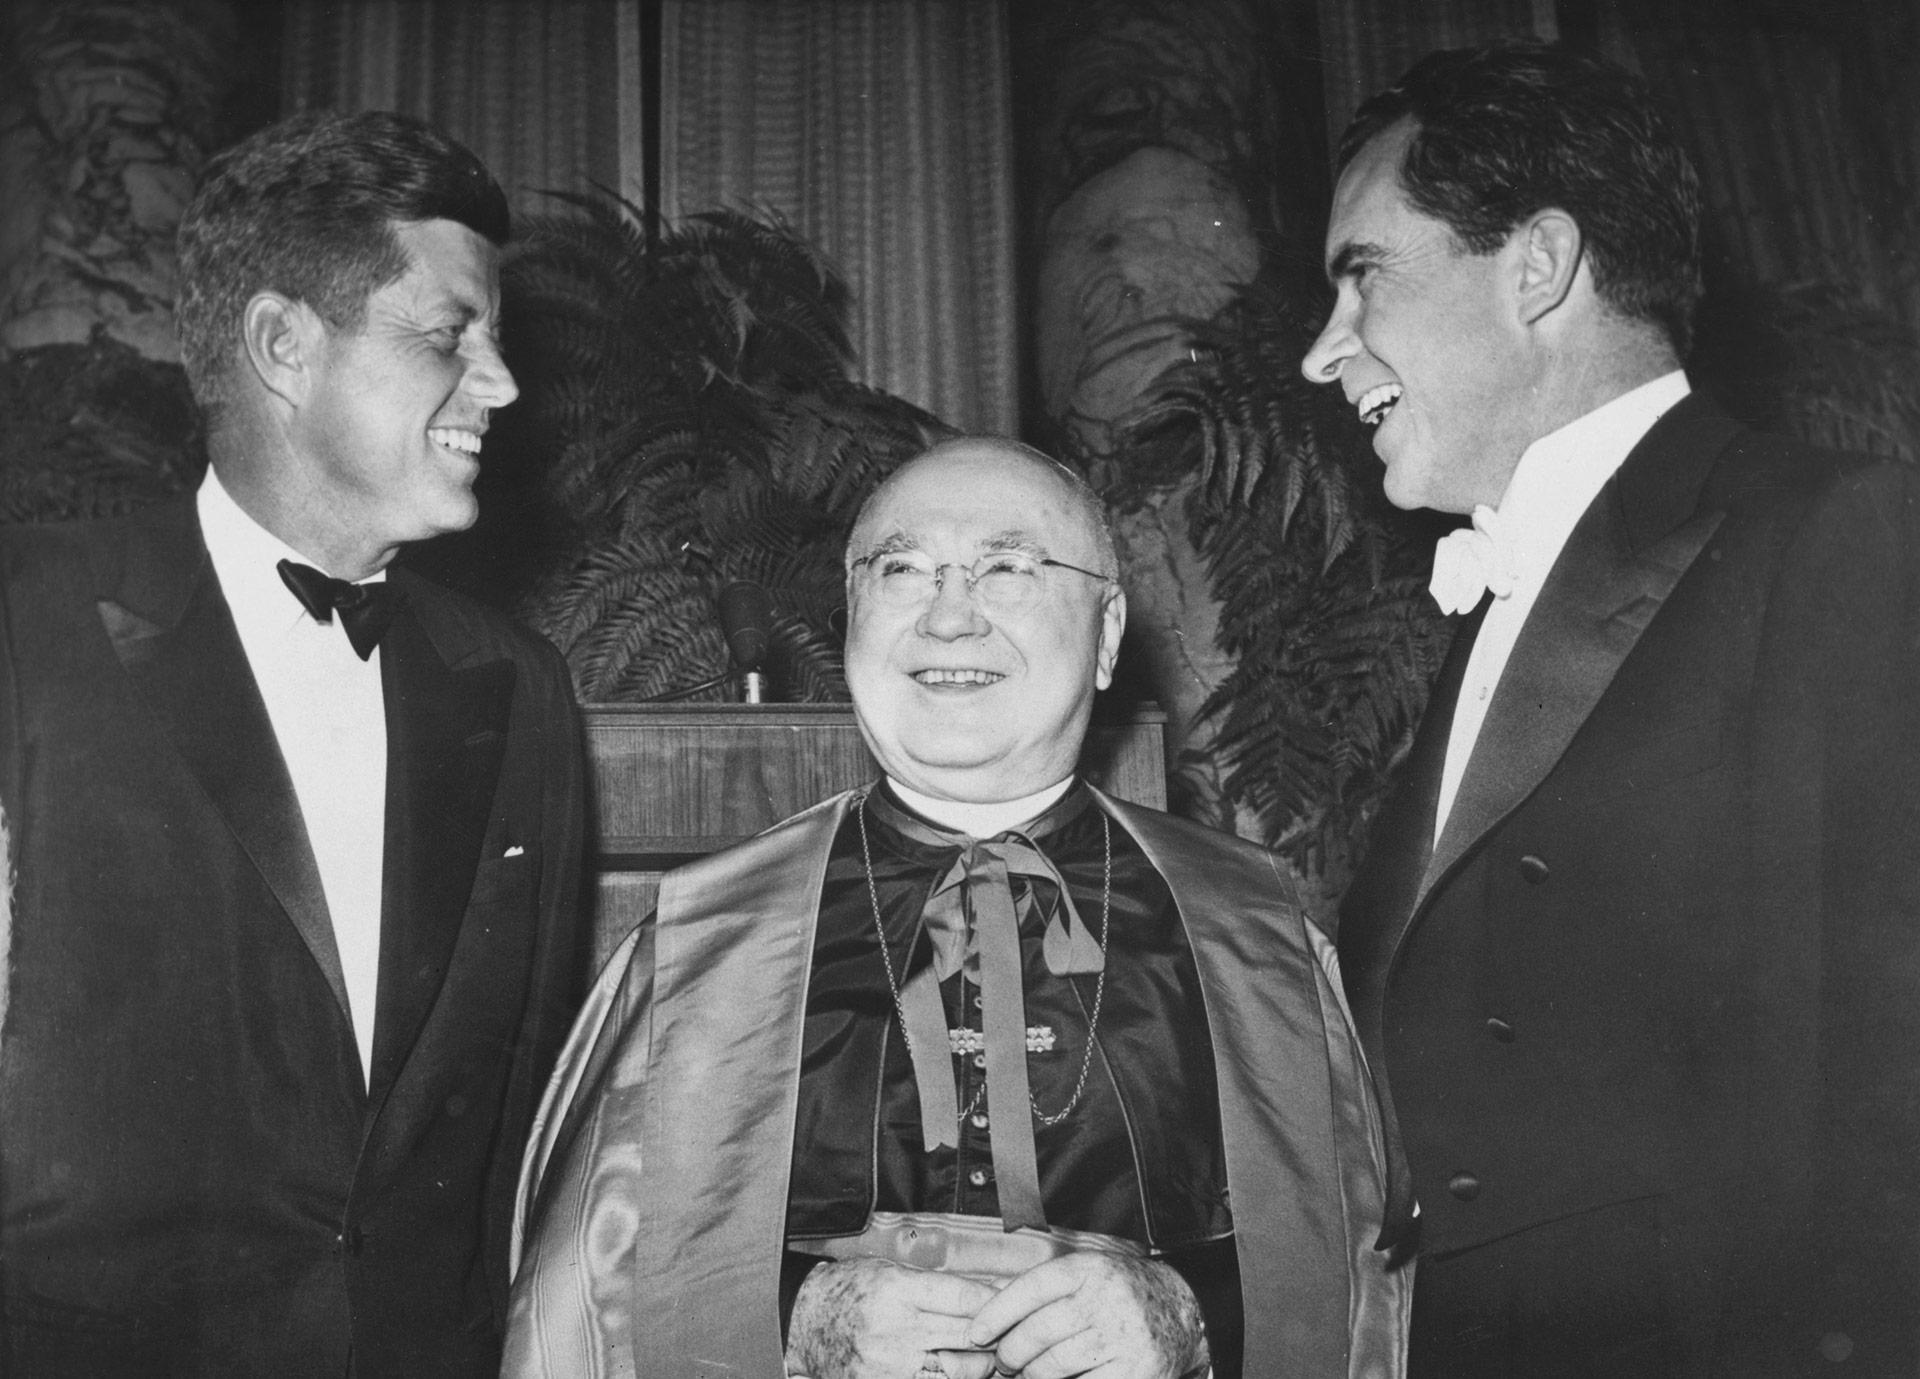 Francis Spellman, arzobispo deNueva York, escoltado en 1960 por los entonces candidatos a la presidencia John F Kennedy yRichard Nixon (Keystone/Getty Images)